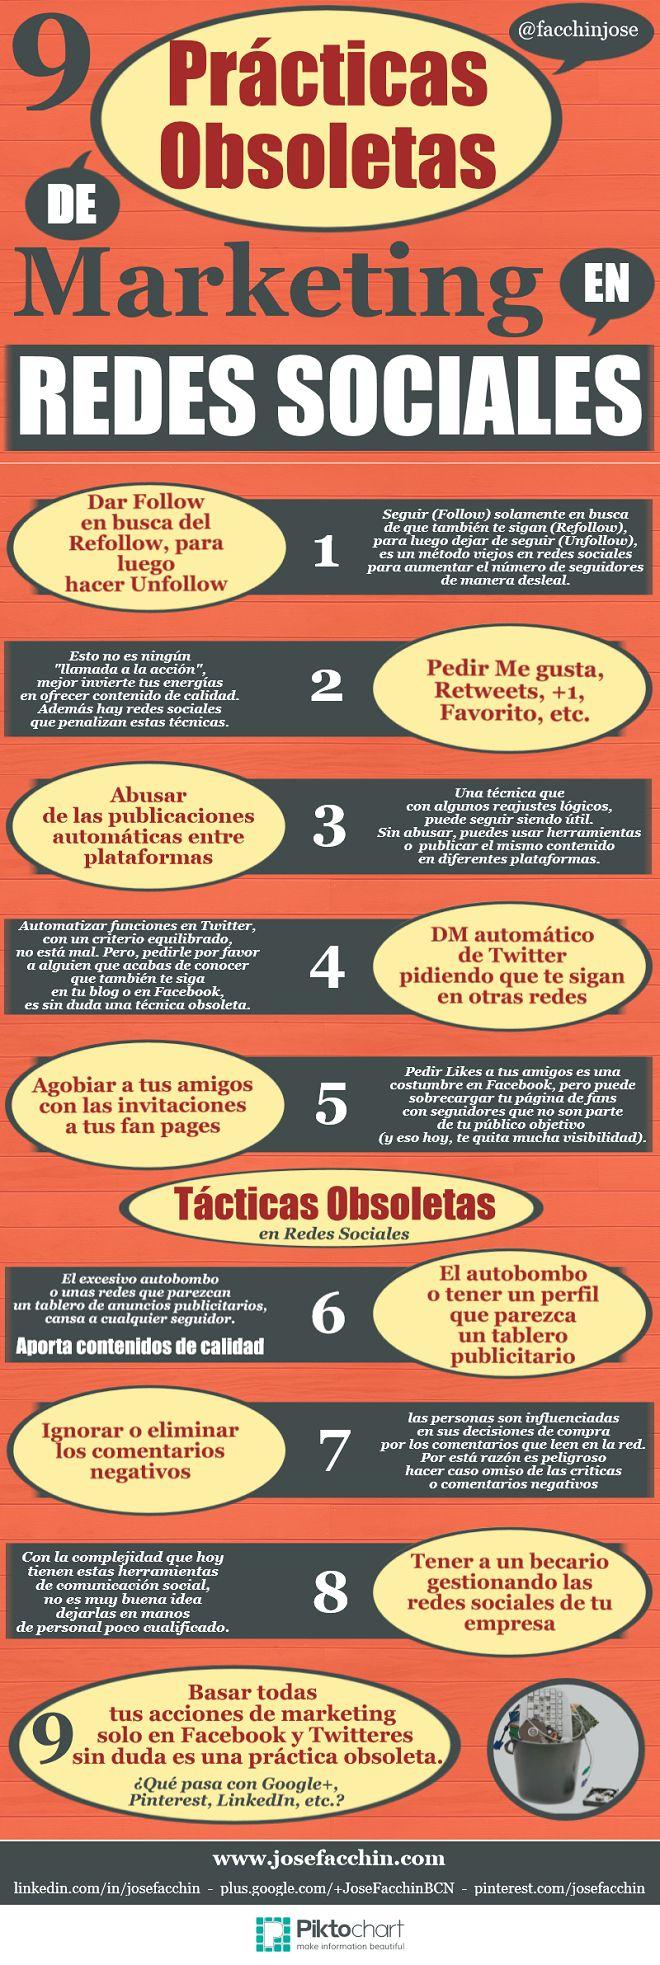 9 prácticas obsoletas del Marketing en Redes Sociales